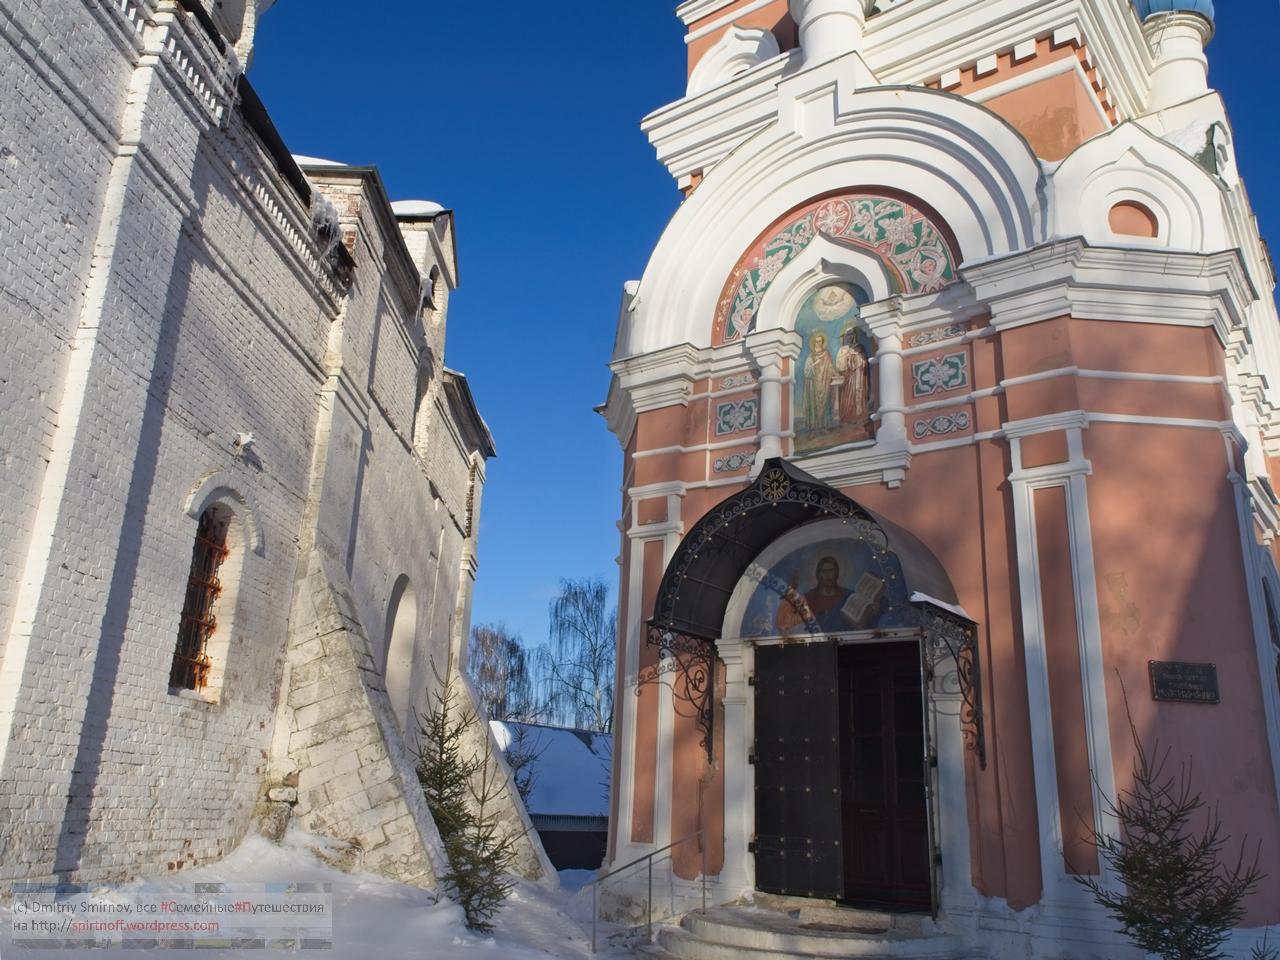 SMI31821-Blog-110 Путешествия  Можайск, про который ничего рассказать, но есть, что показать